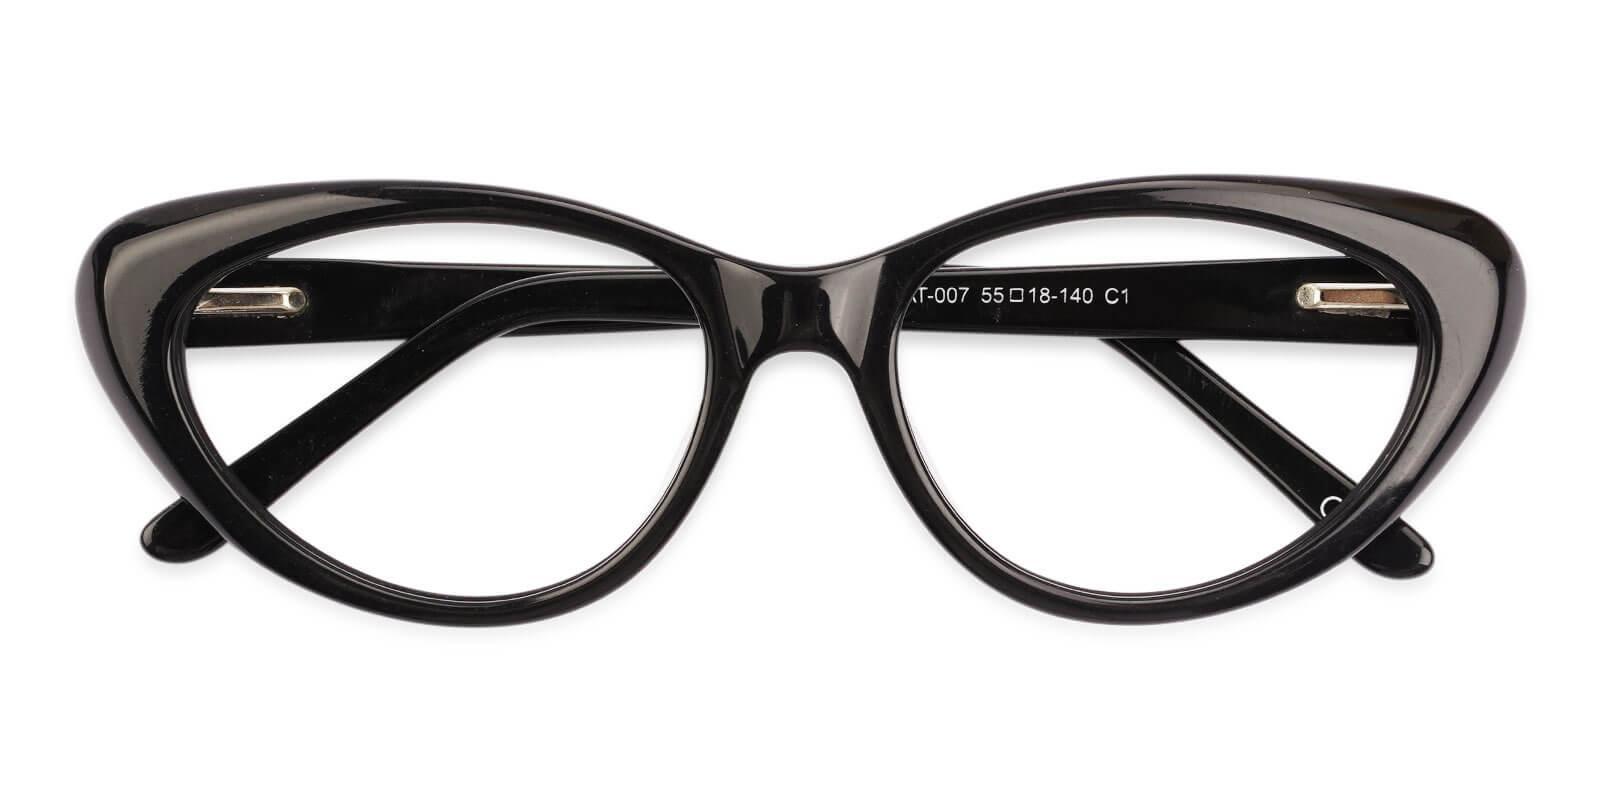 Irene Black Acetate Eyeglasses , SpringHinges , UniversalBridgeFit Frames from ABBE Glasses